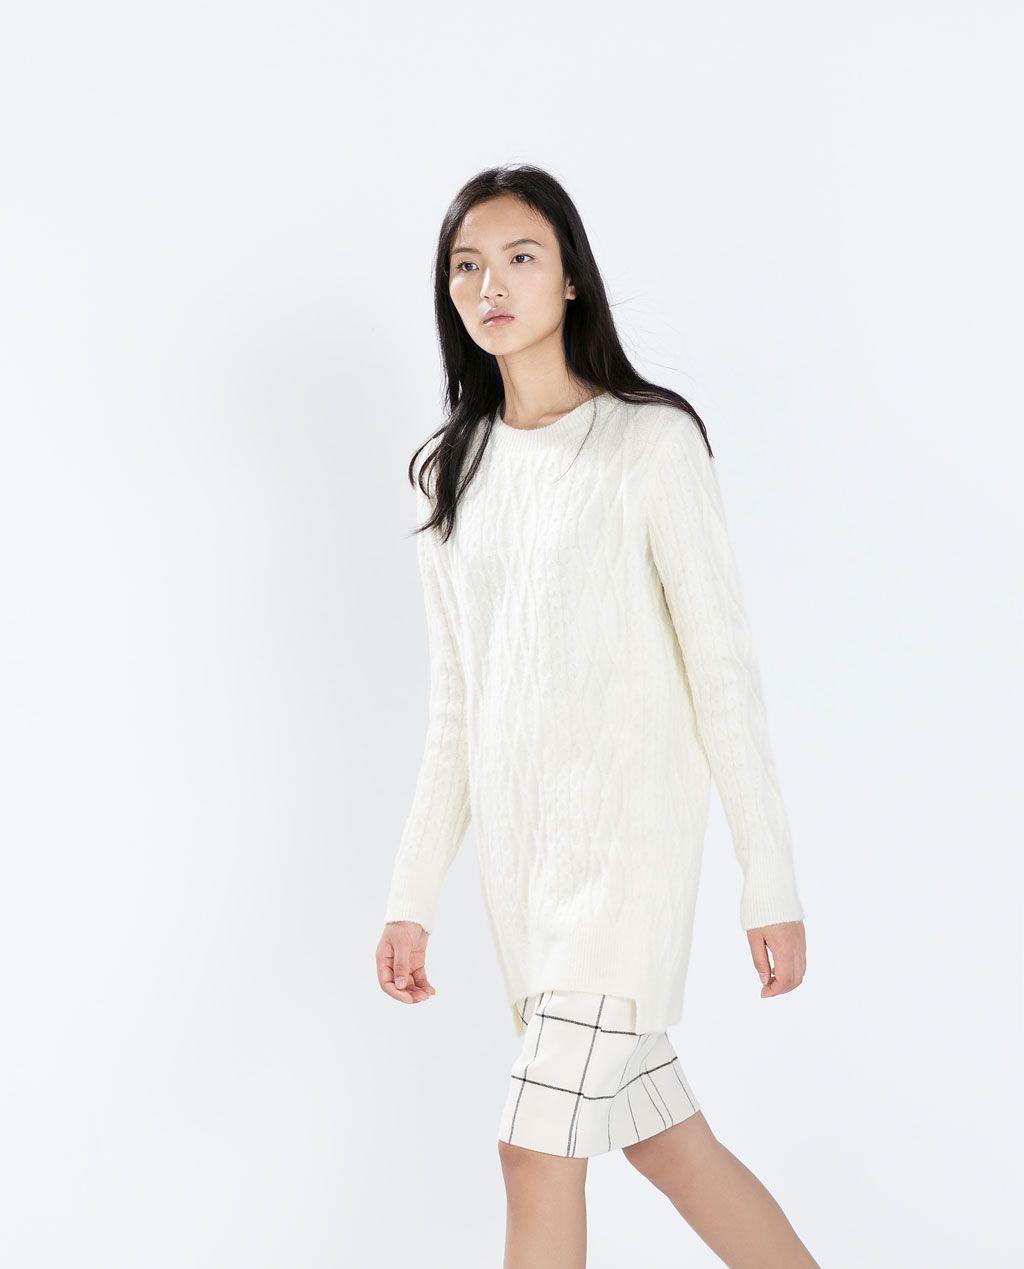 ZARA - レディース - 段差入り裾デザイン縄編みセーター